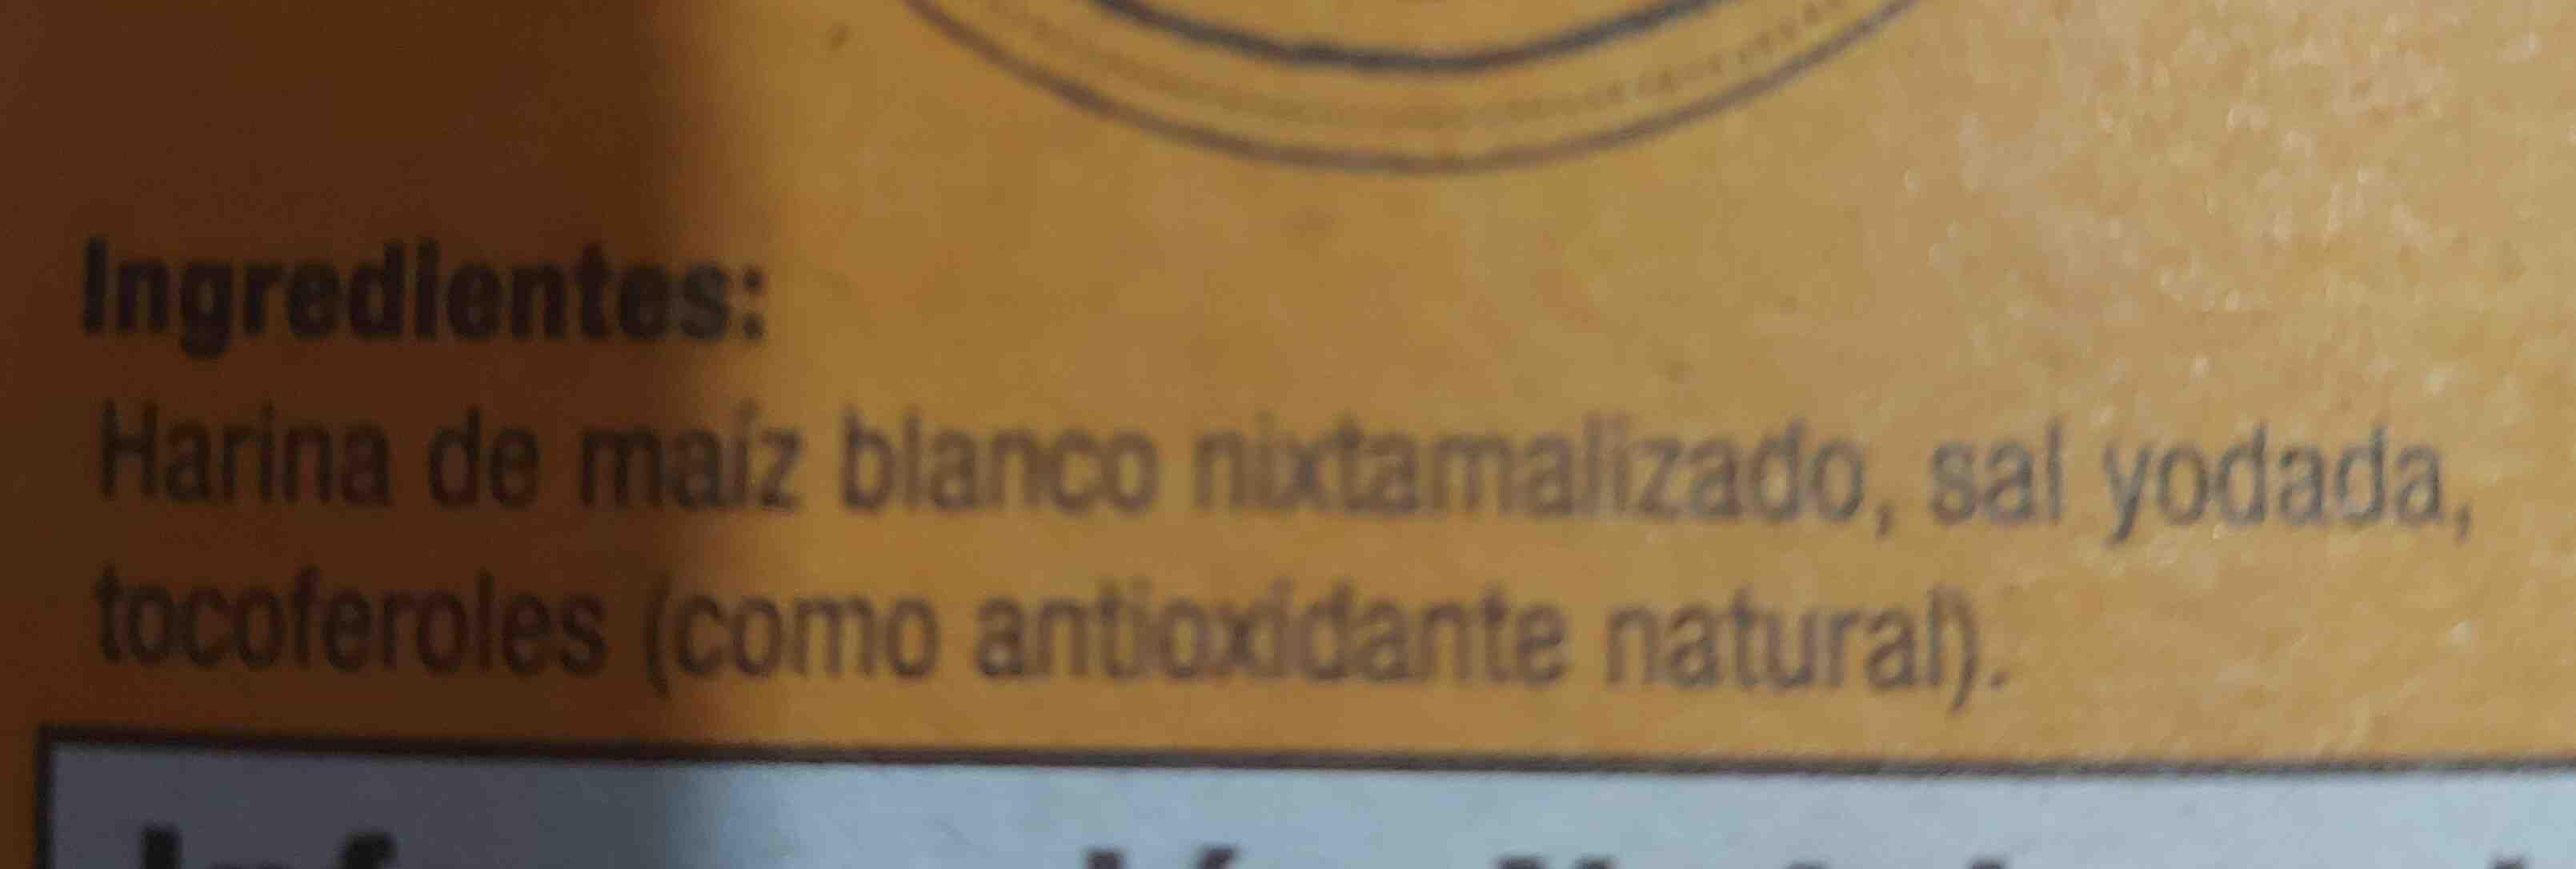 Empanizador de maiz - Ingredients - es